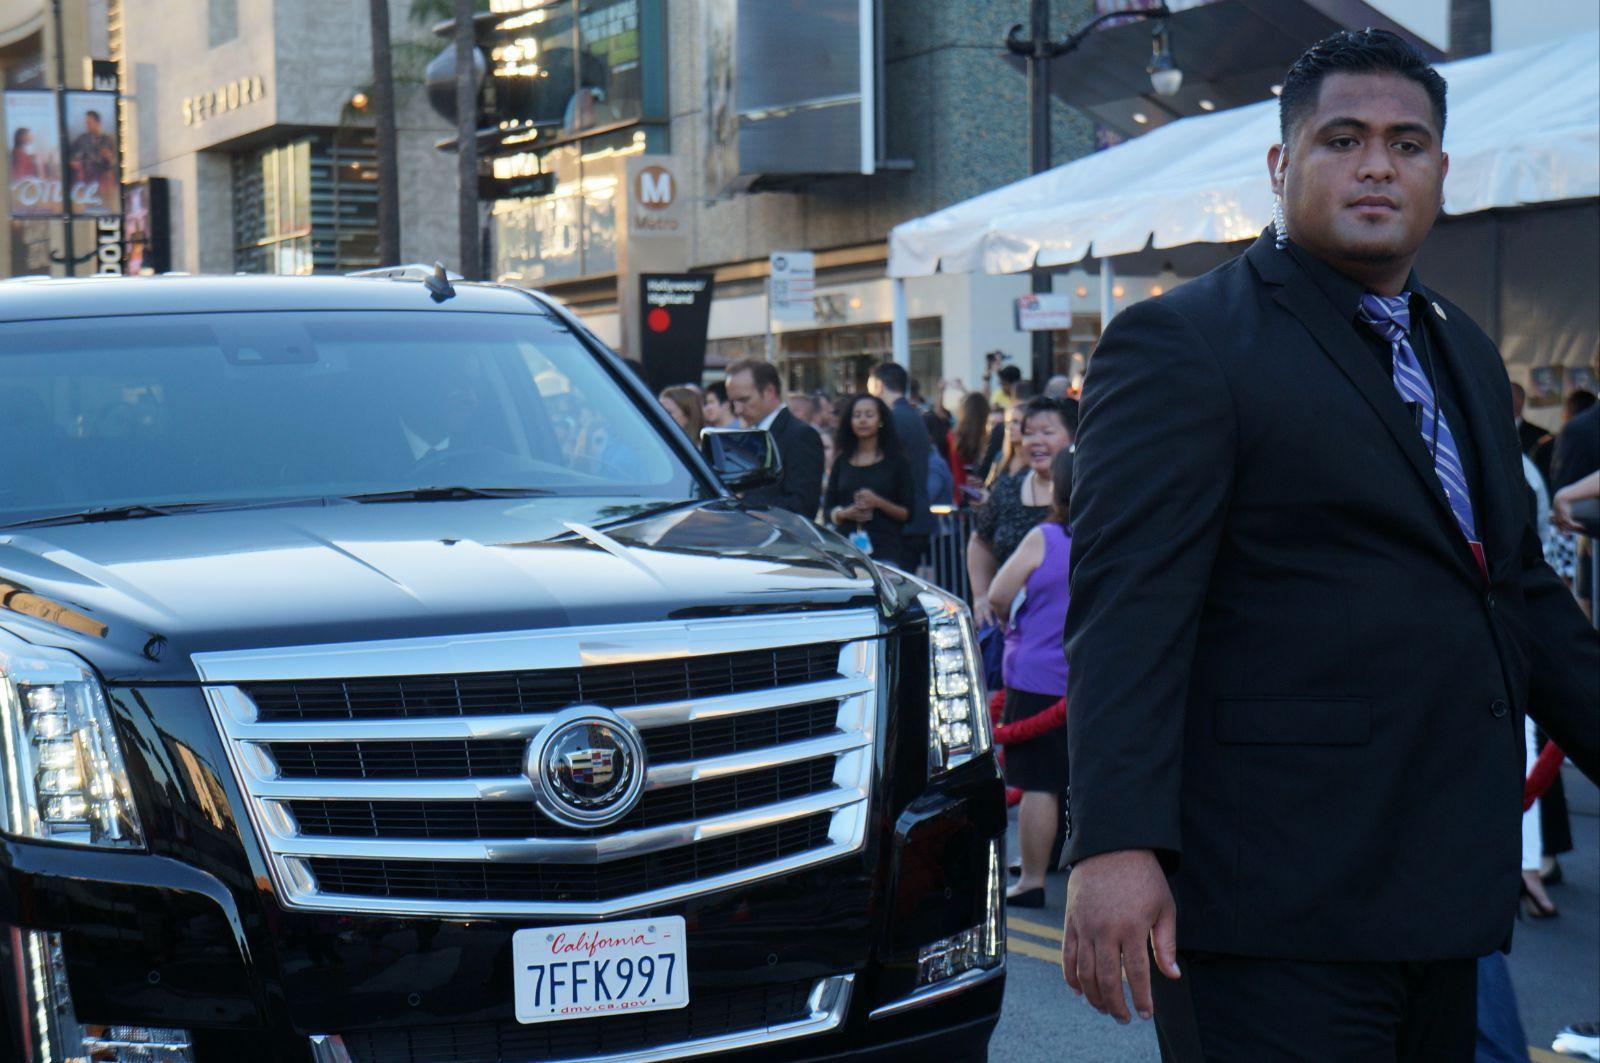 好莱坞明星的保姆车与保镖.